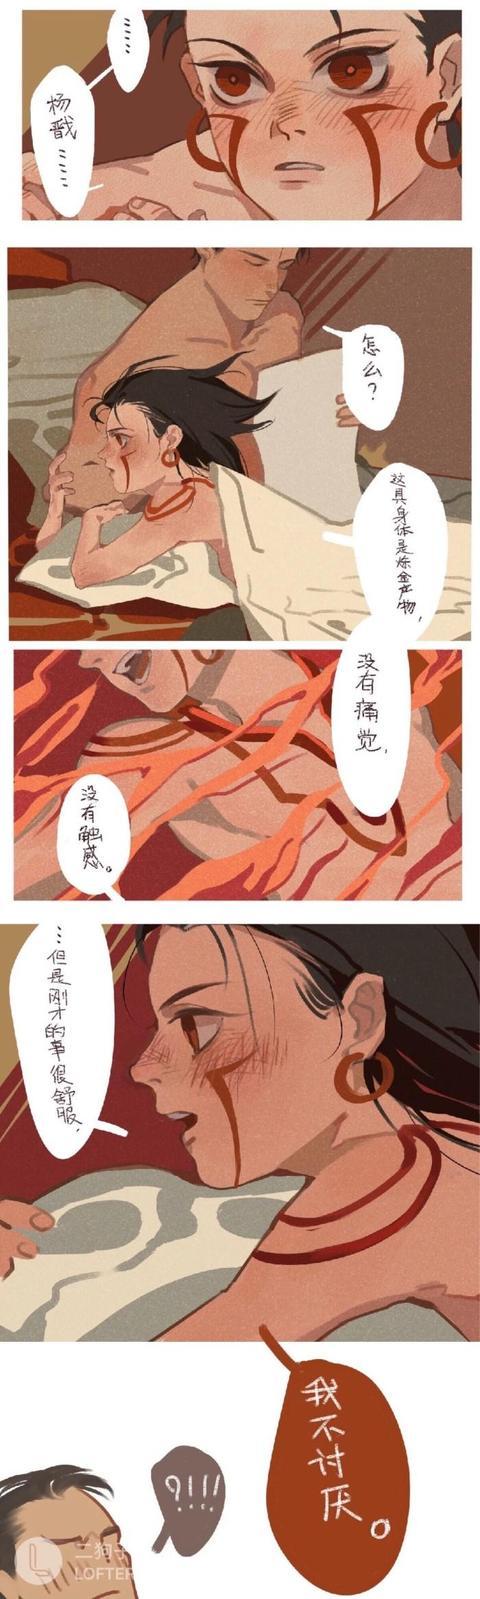 腐漫画调教吧,王者荣耀同人小漫画,不怕腐女有文化,就怕腐女会画画